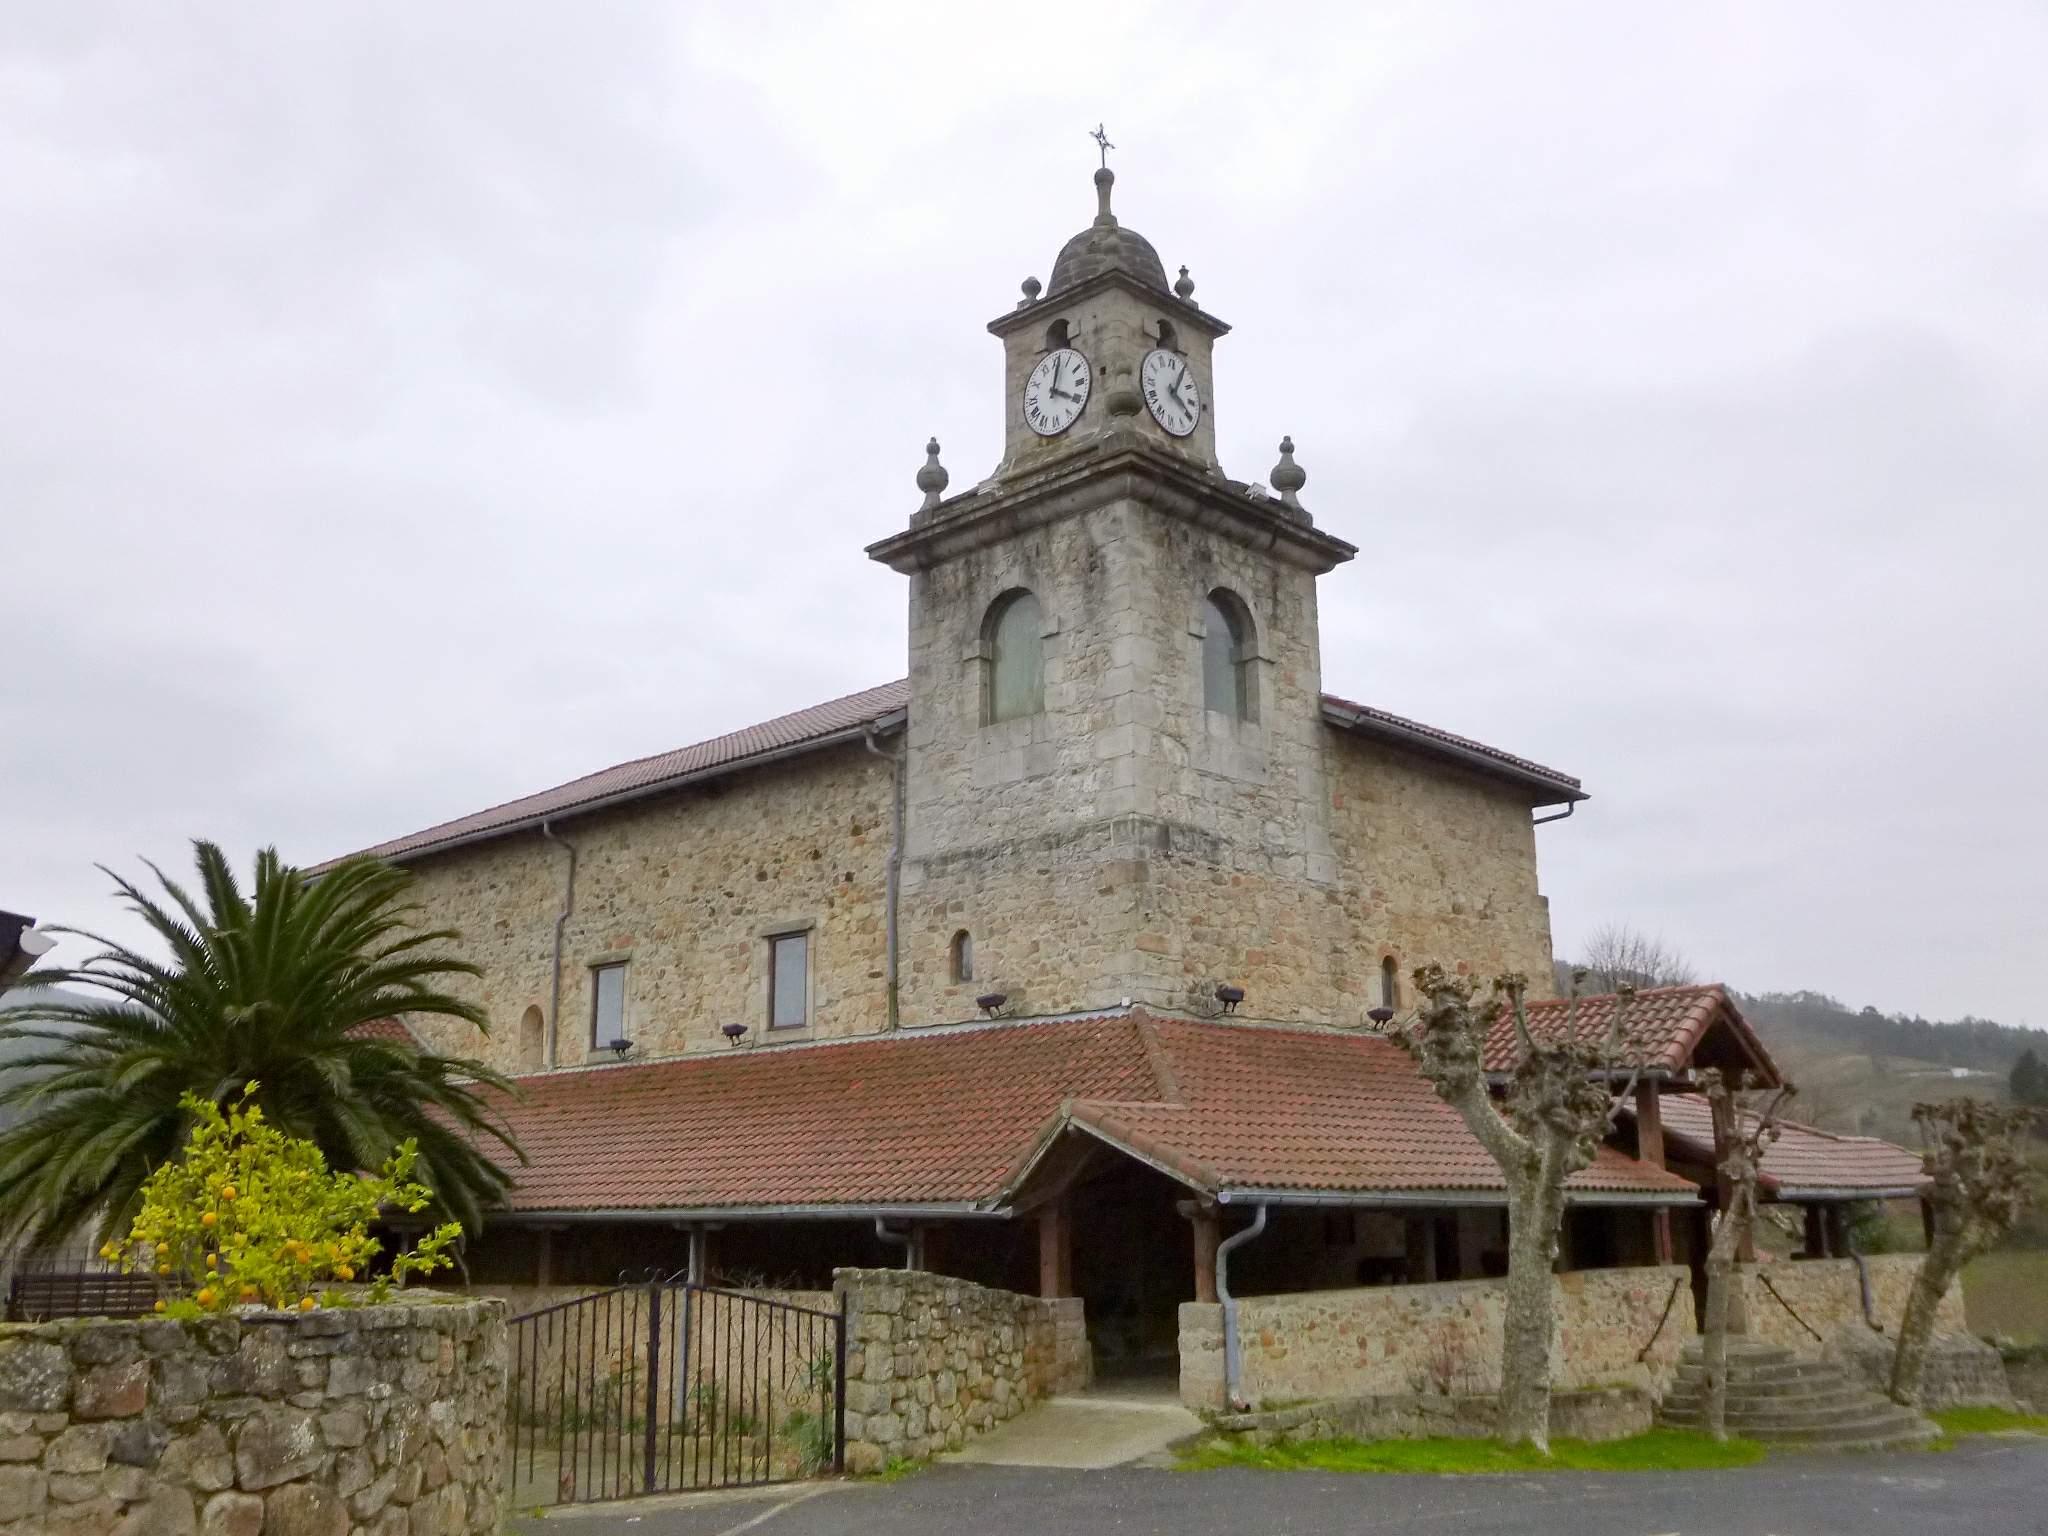 Parroquia de Andra Mari, Bakio (Vizcaya) - Qué visitar en el País Vasco